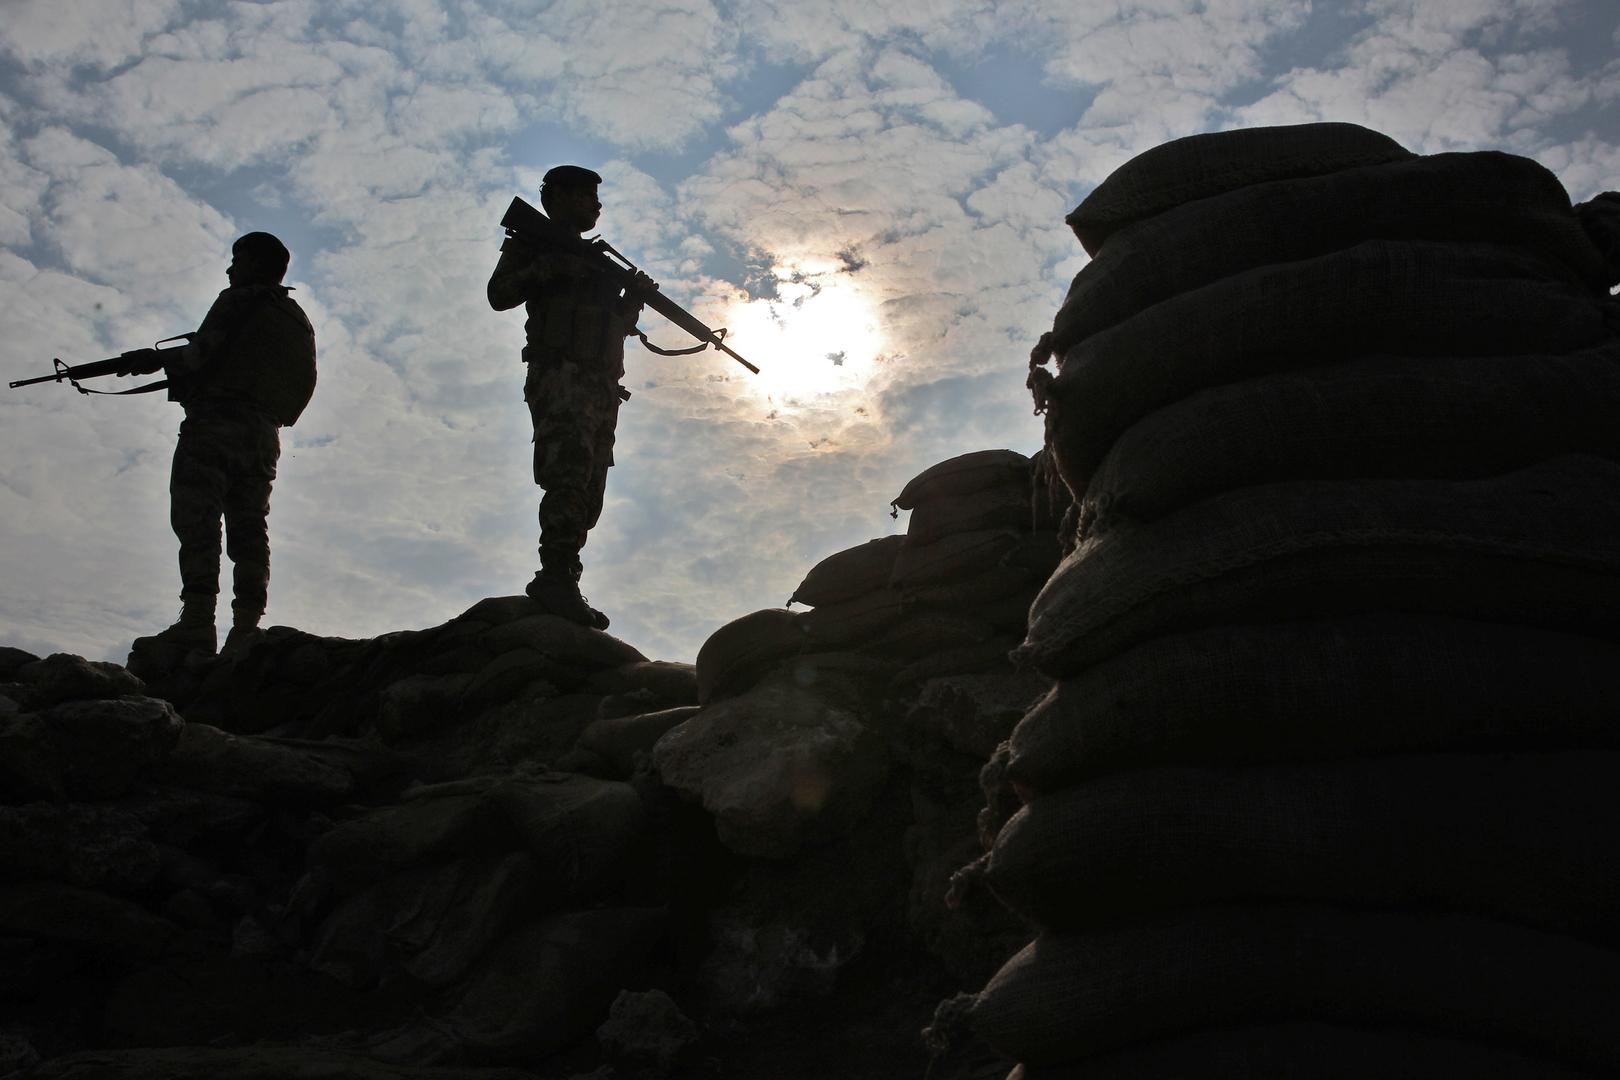 العراق.. مقتل جنديين اثنين وجرح آخرين بهجوم لـ